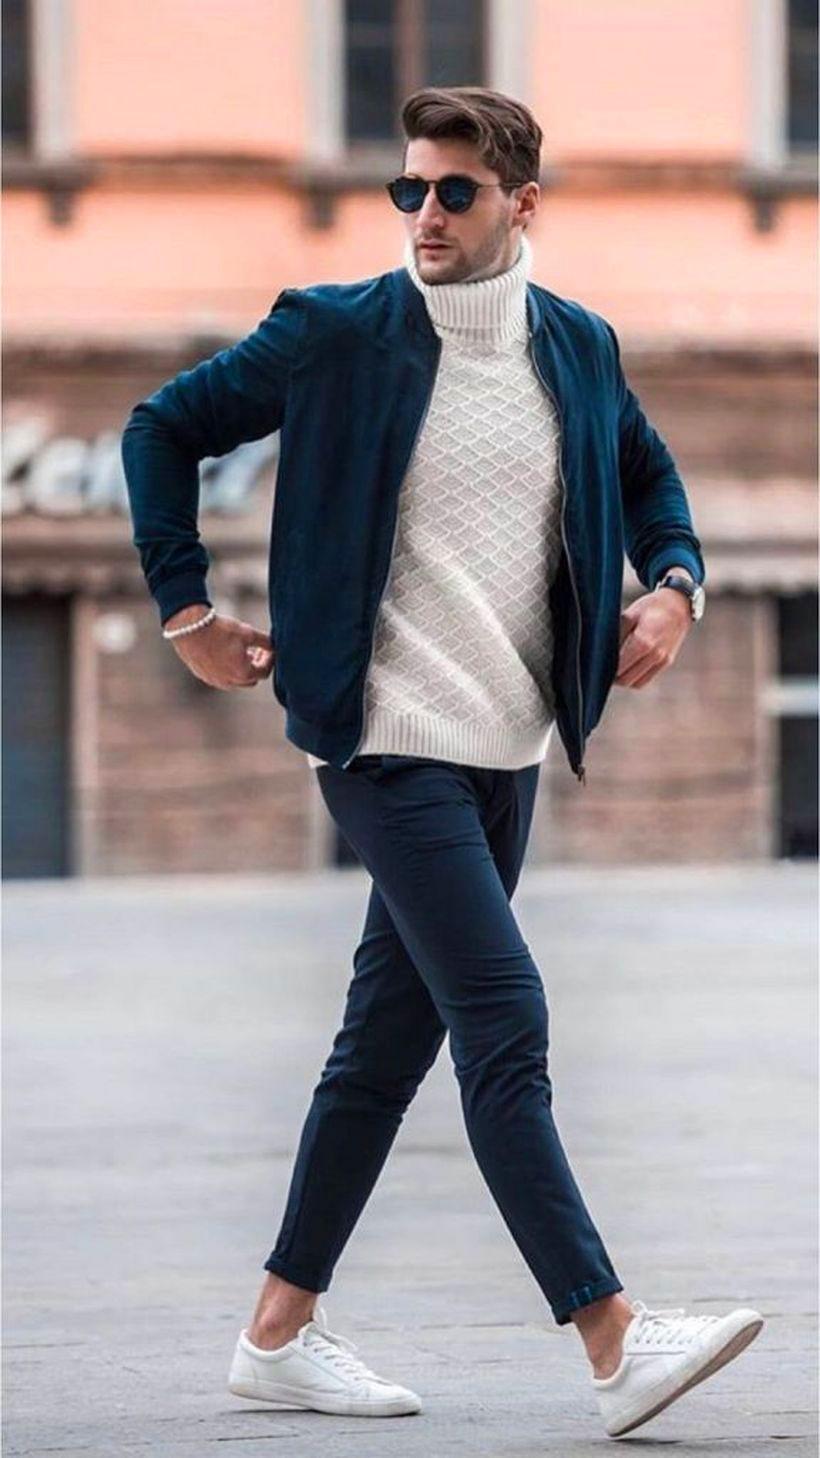 Latest Smart Stylish Boy Images